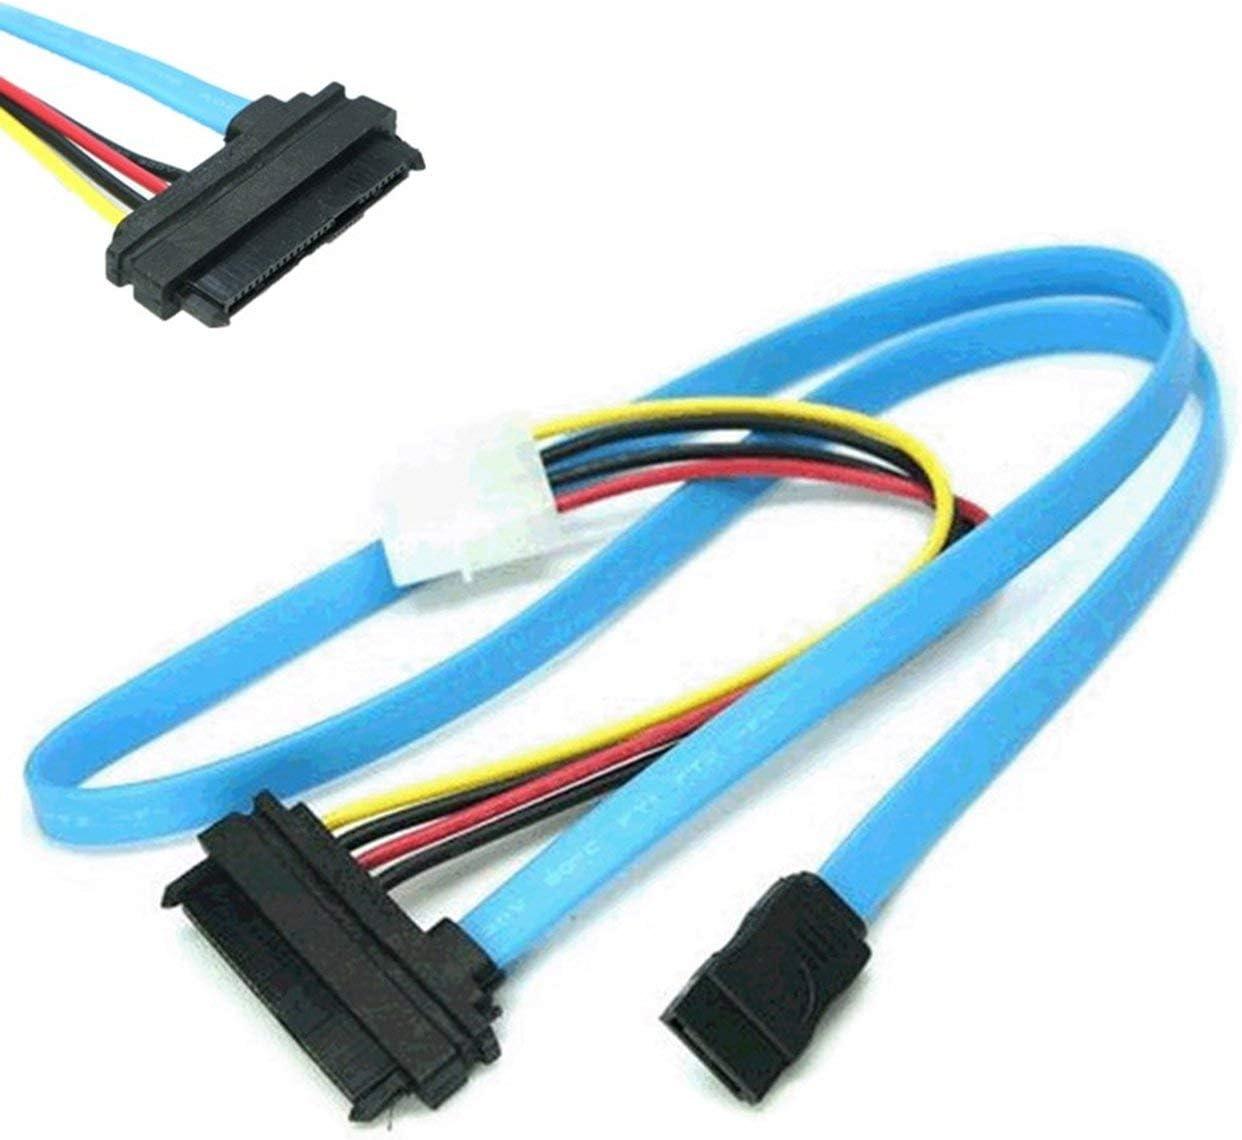 Azul Exquisitamente dise/ñado Durable Nuevo SAS Serial Attached SCSI SFF-8482 a SATA HDD Disco Duro Cable del Cable del Adaptador ESjasnyfall